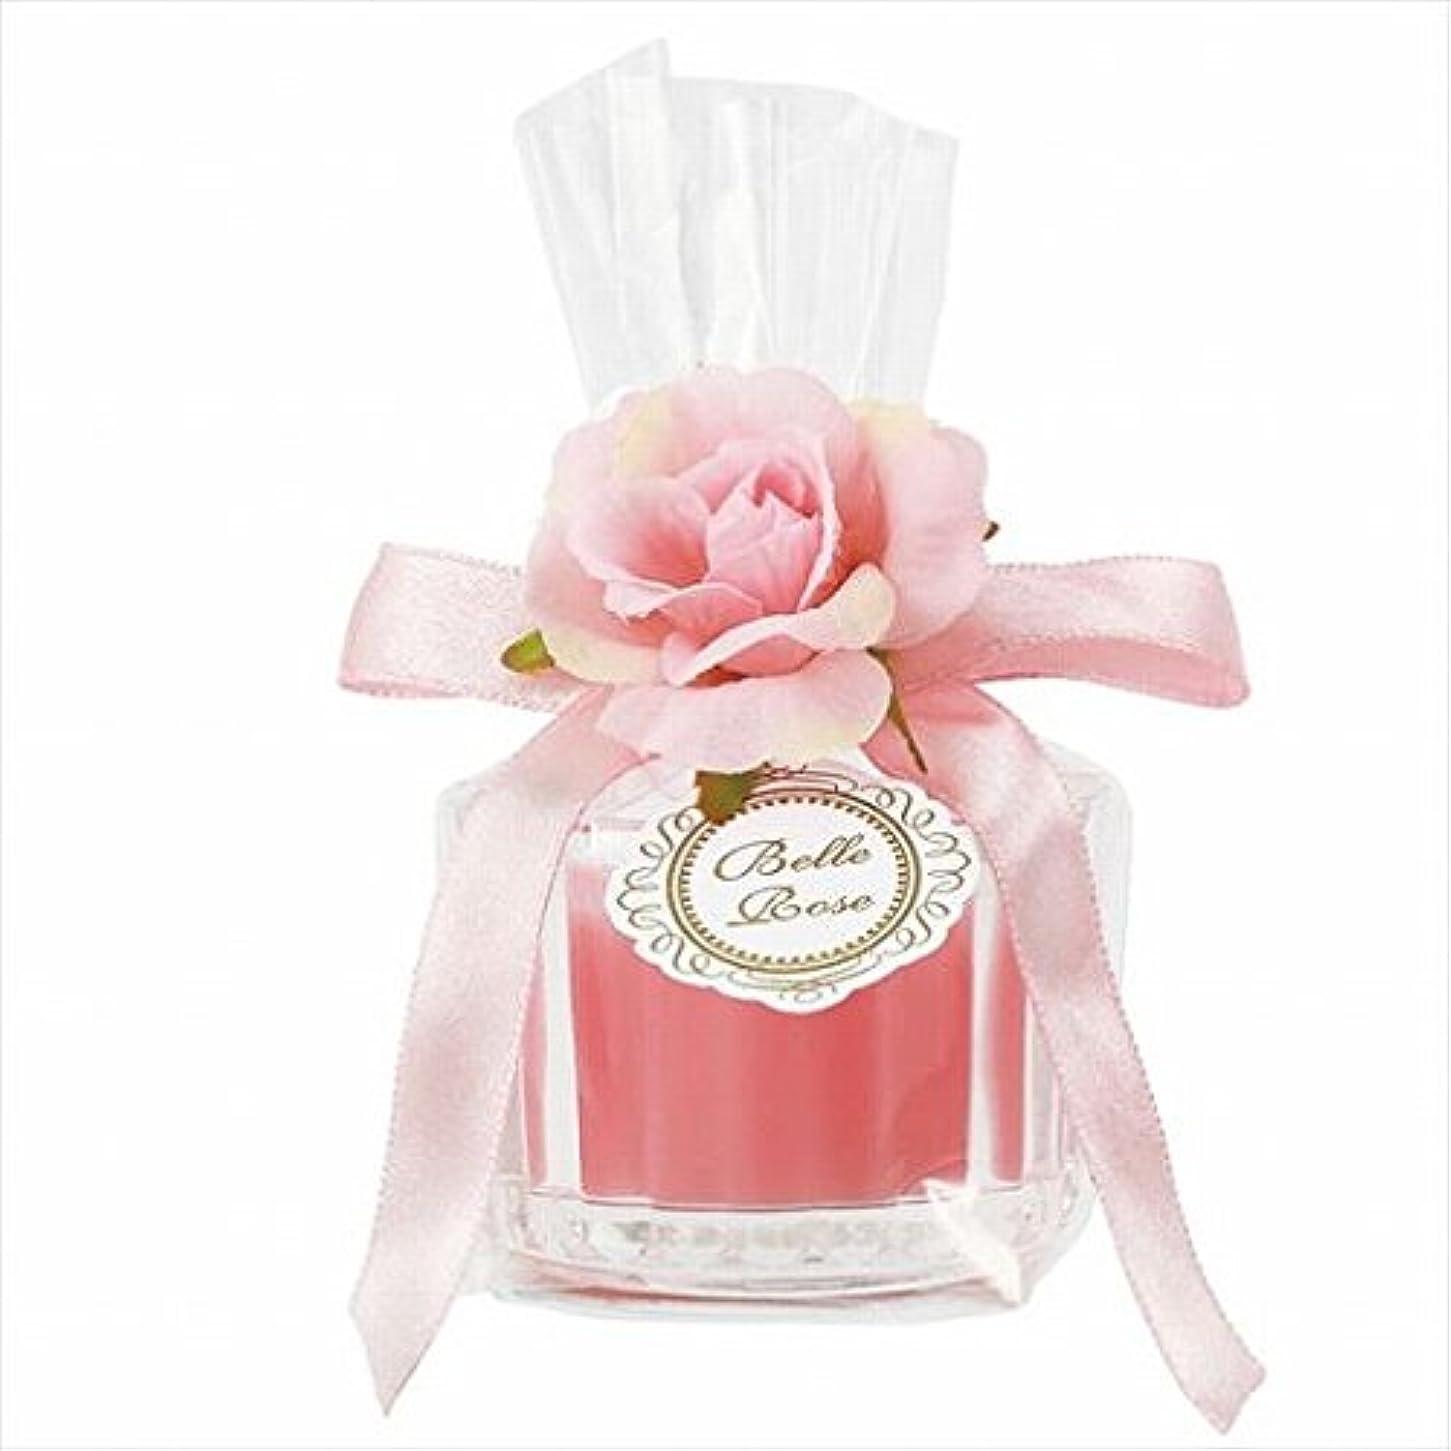 リズミカルな高めるサドルカメヤマキャンドル(kameyama candle) ベルローズミニグラス 「 ピンク 」